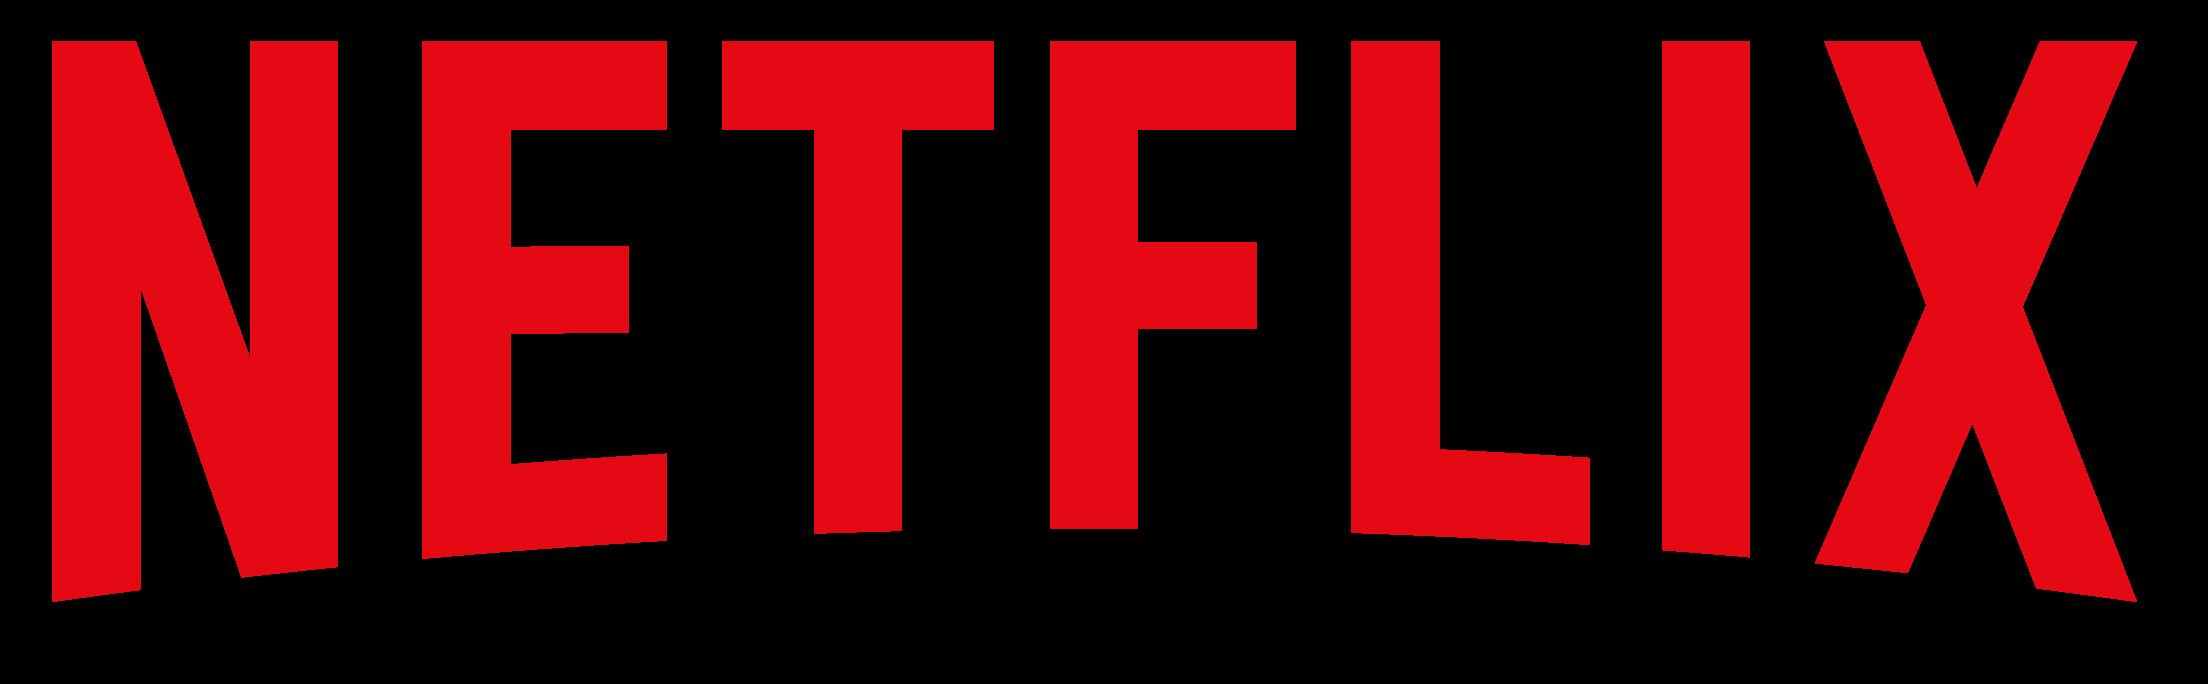 netflix-logo-0